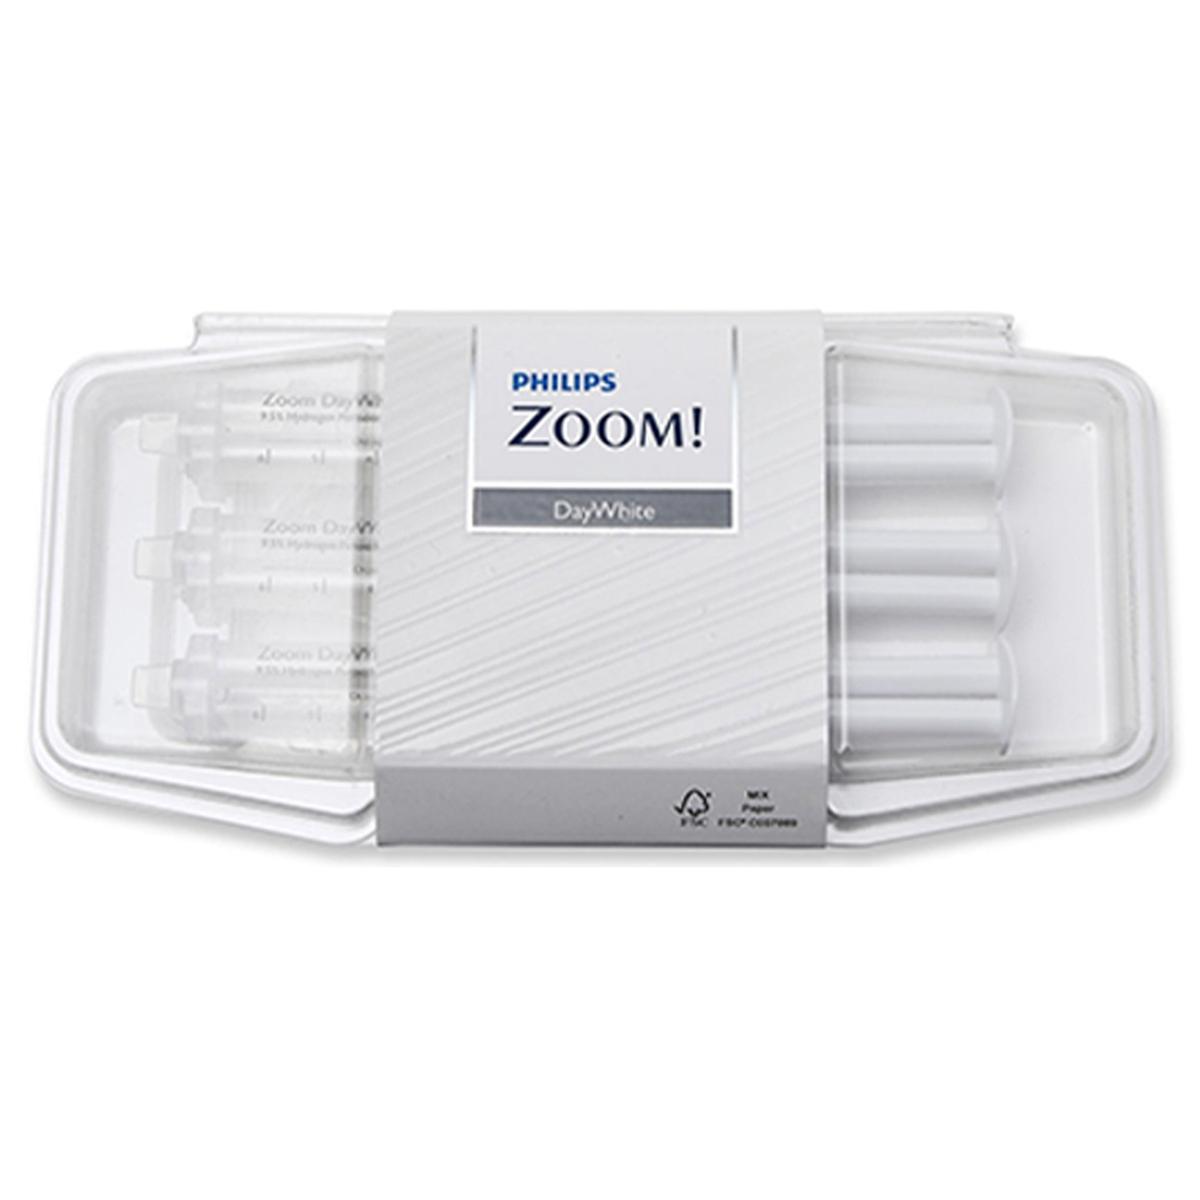 Philips Zoom Daywhite 9 5 Teeth Whitening Gel 3 Pack